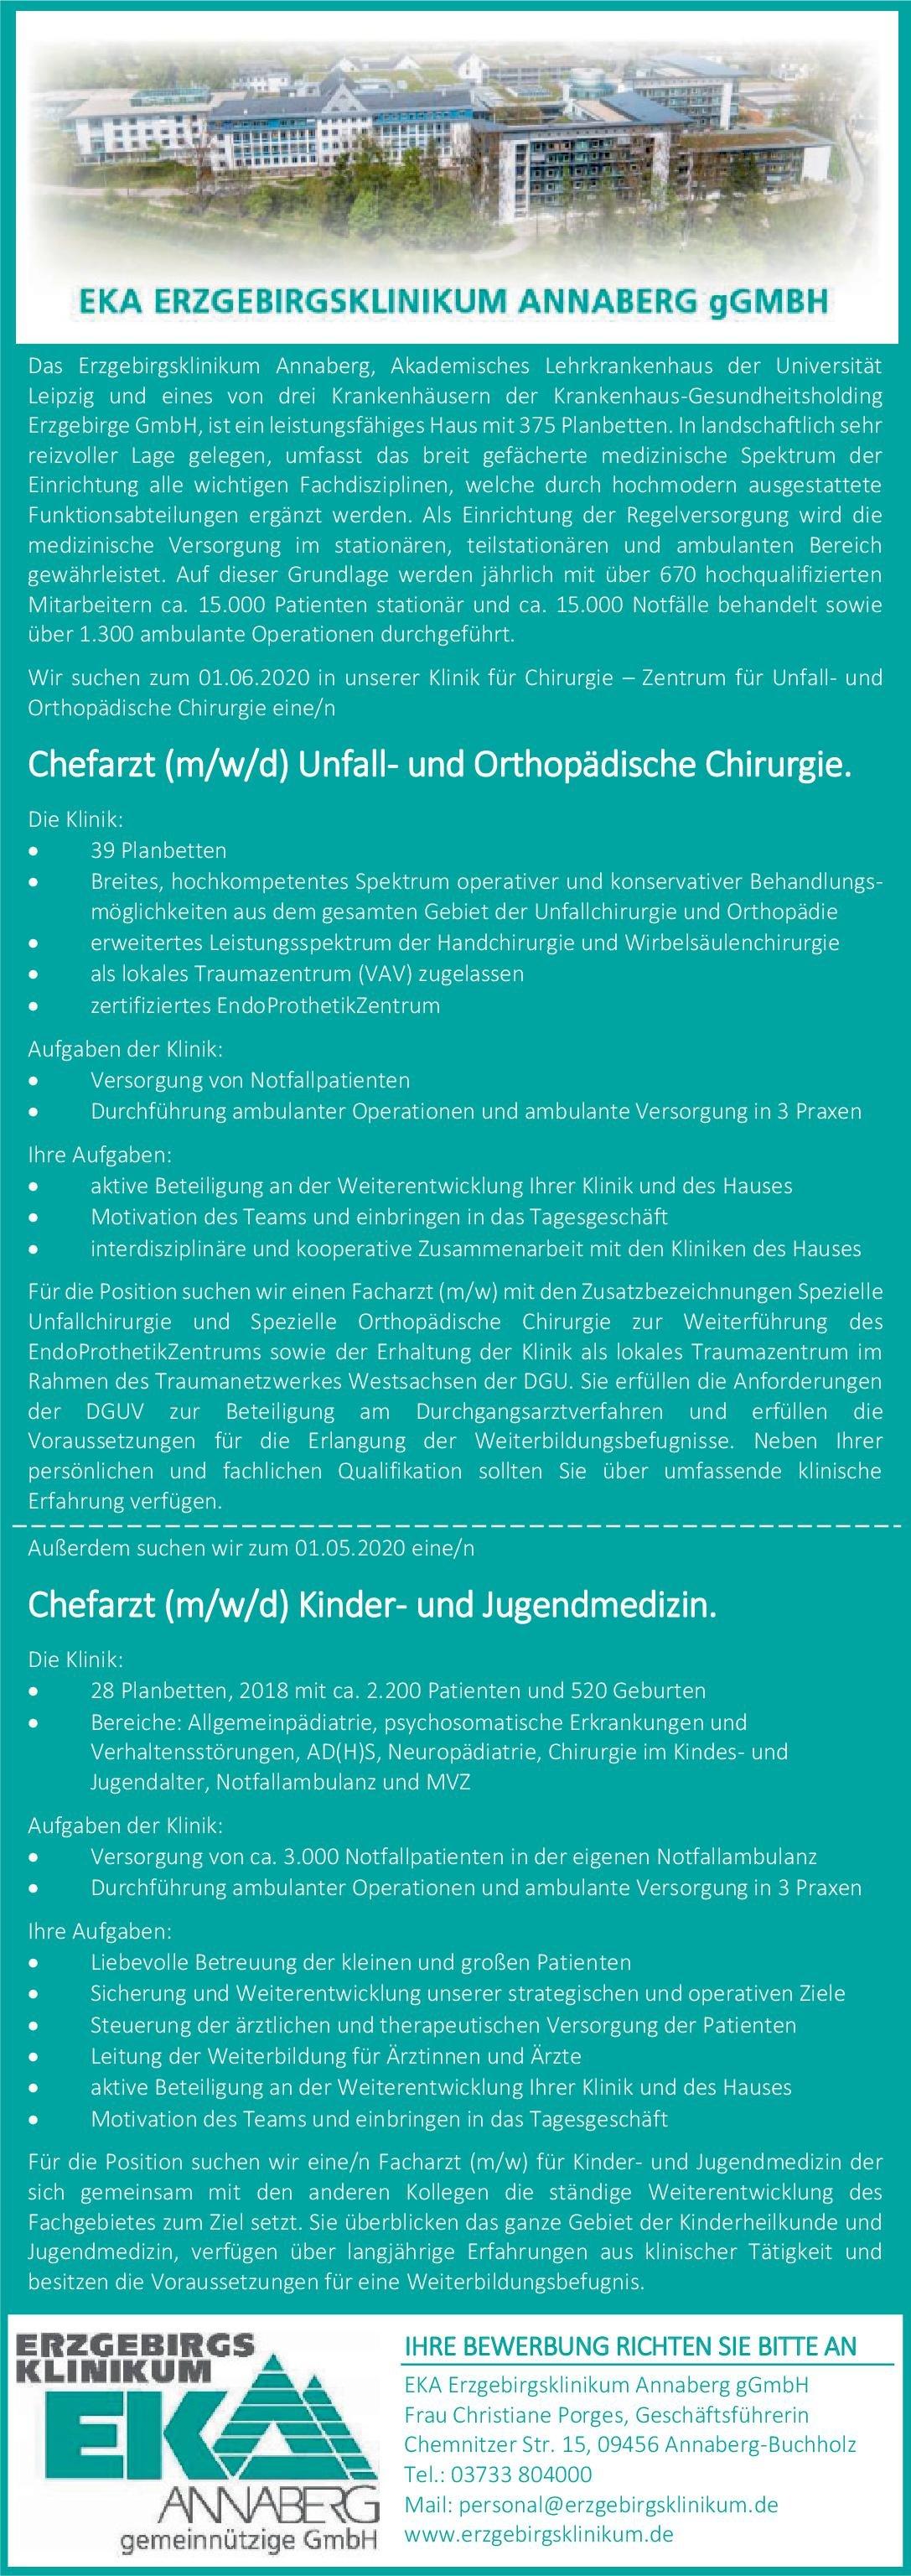 EKA Erzgebirgsklinikum Annaberg gGmbH Chefarzt (m/w/d) Unfall- und Orthopädische Chirurgie  Orthopädie und Unfallchirurgie, Chirurgie Chefarzt